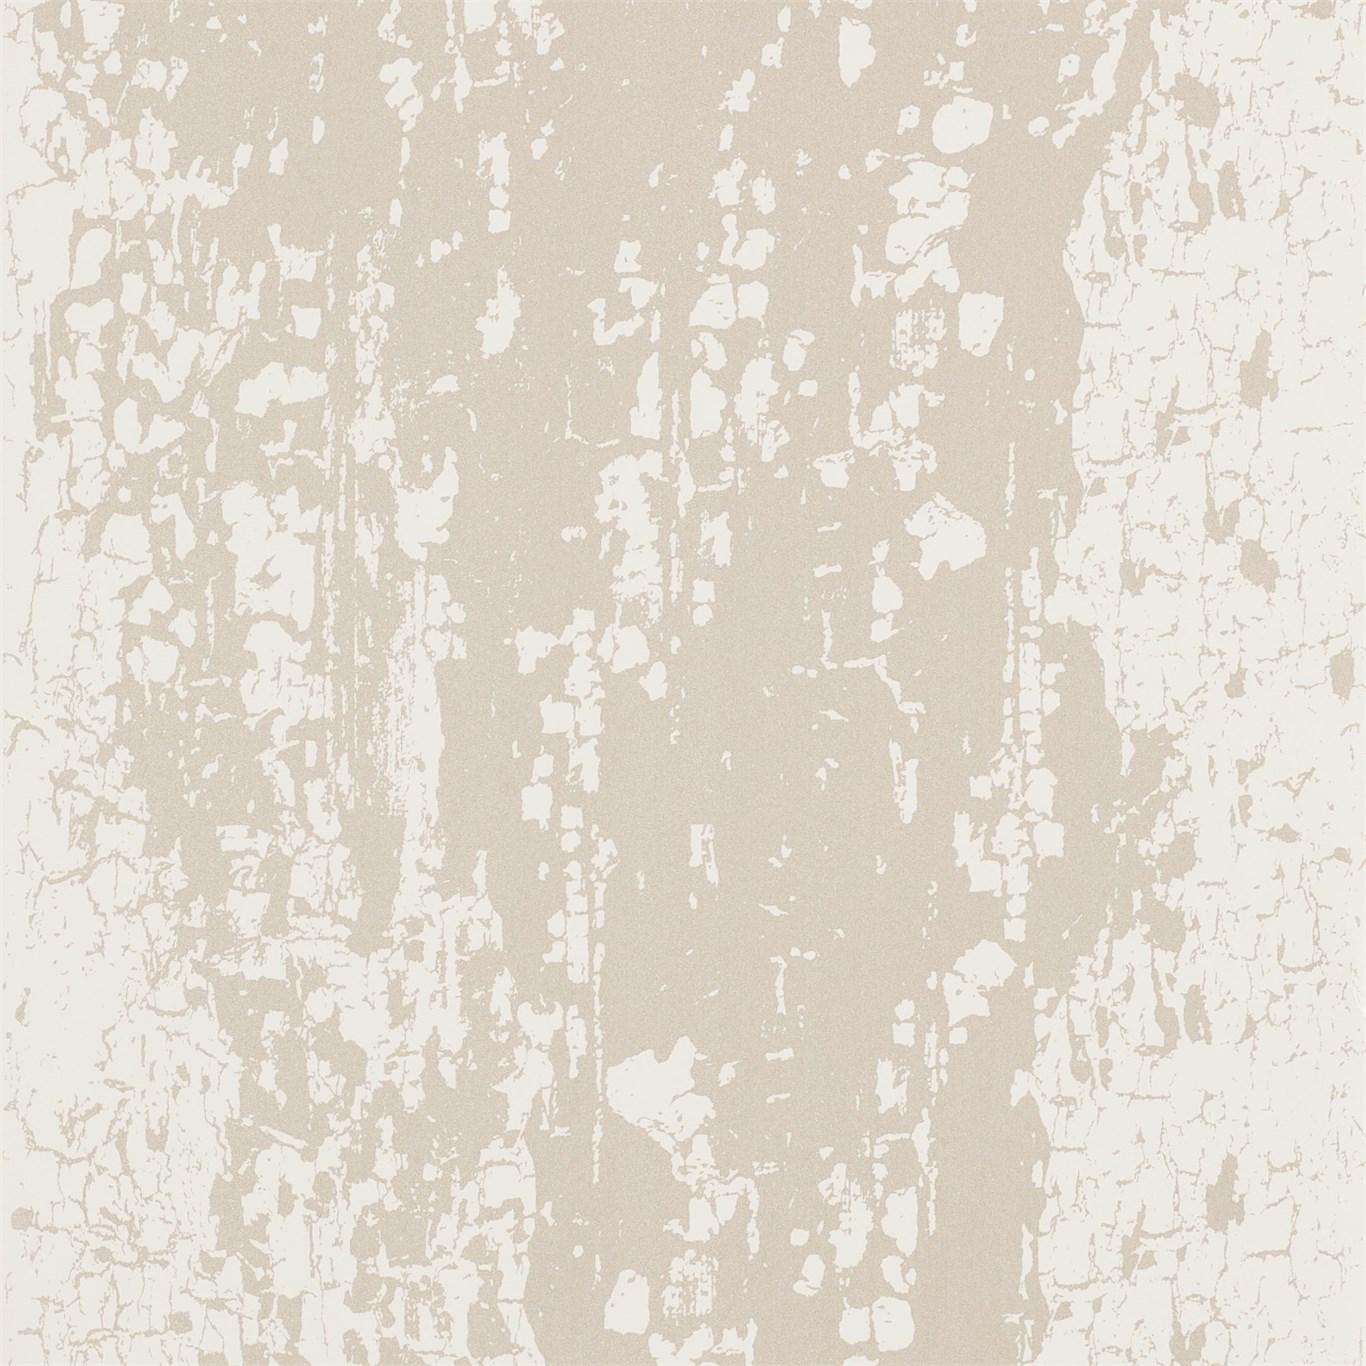 5 preciosos papeles pintados con textura metalizada for Papel pintado blanco y plata